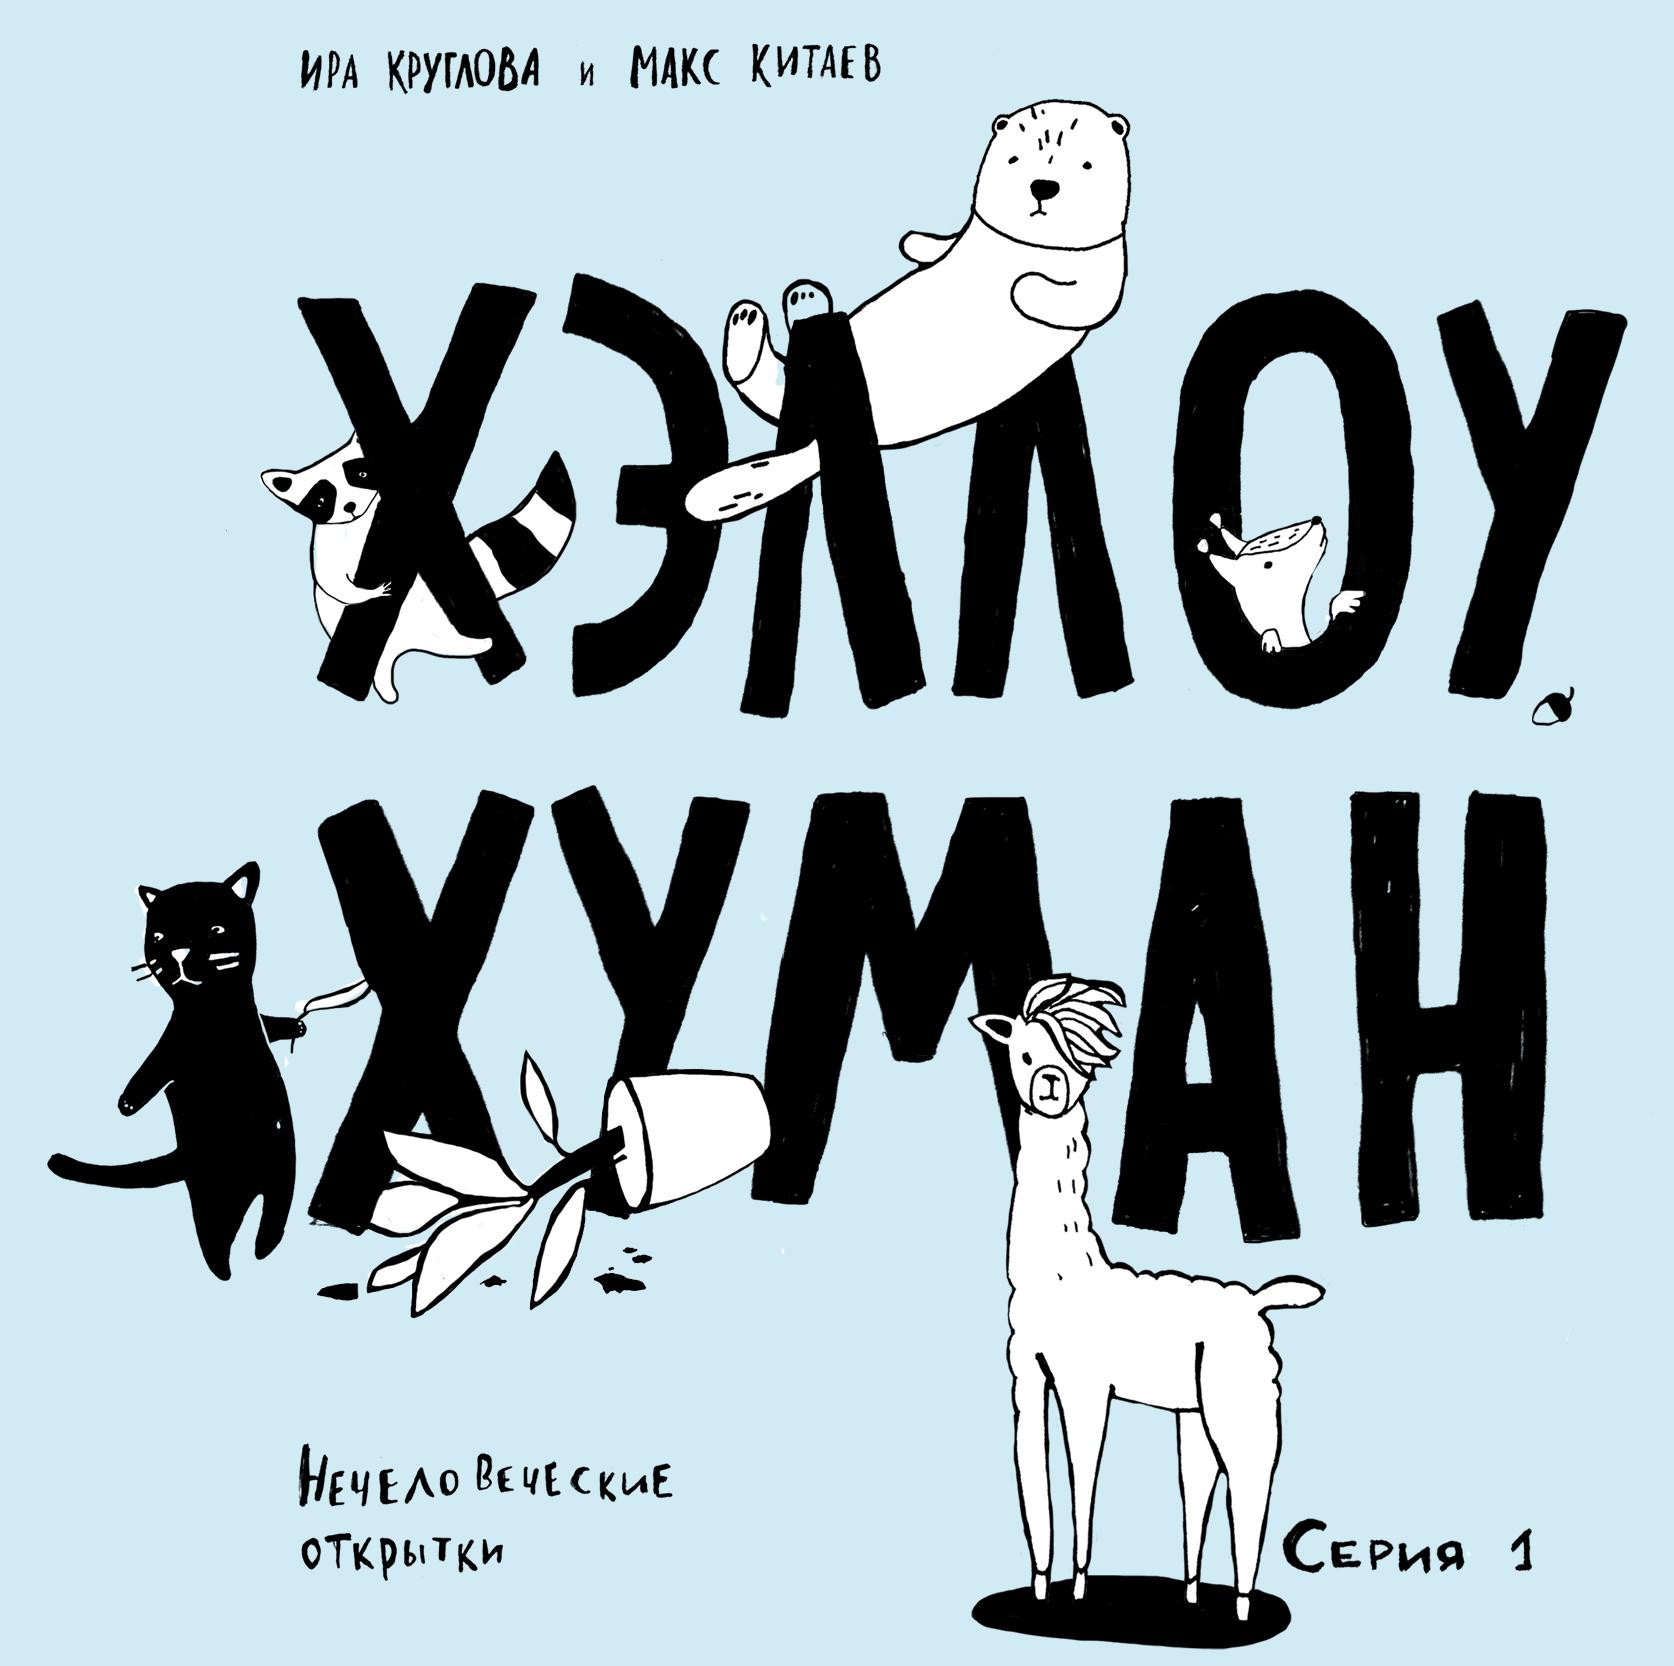 Ирина Круглова, Максим Китаев Хеллоу, хуман (набор из 12 открыток) в мире людей и животных забавные истории и анекдоты